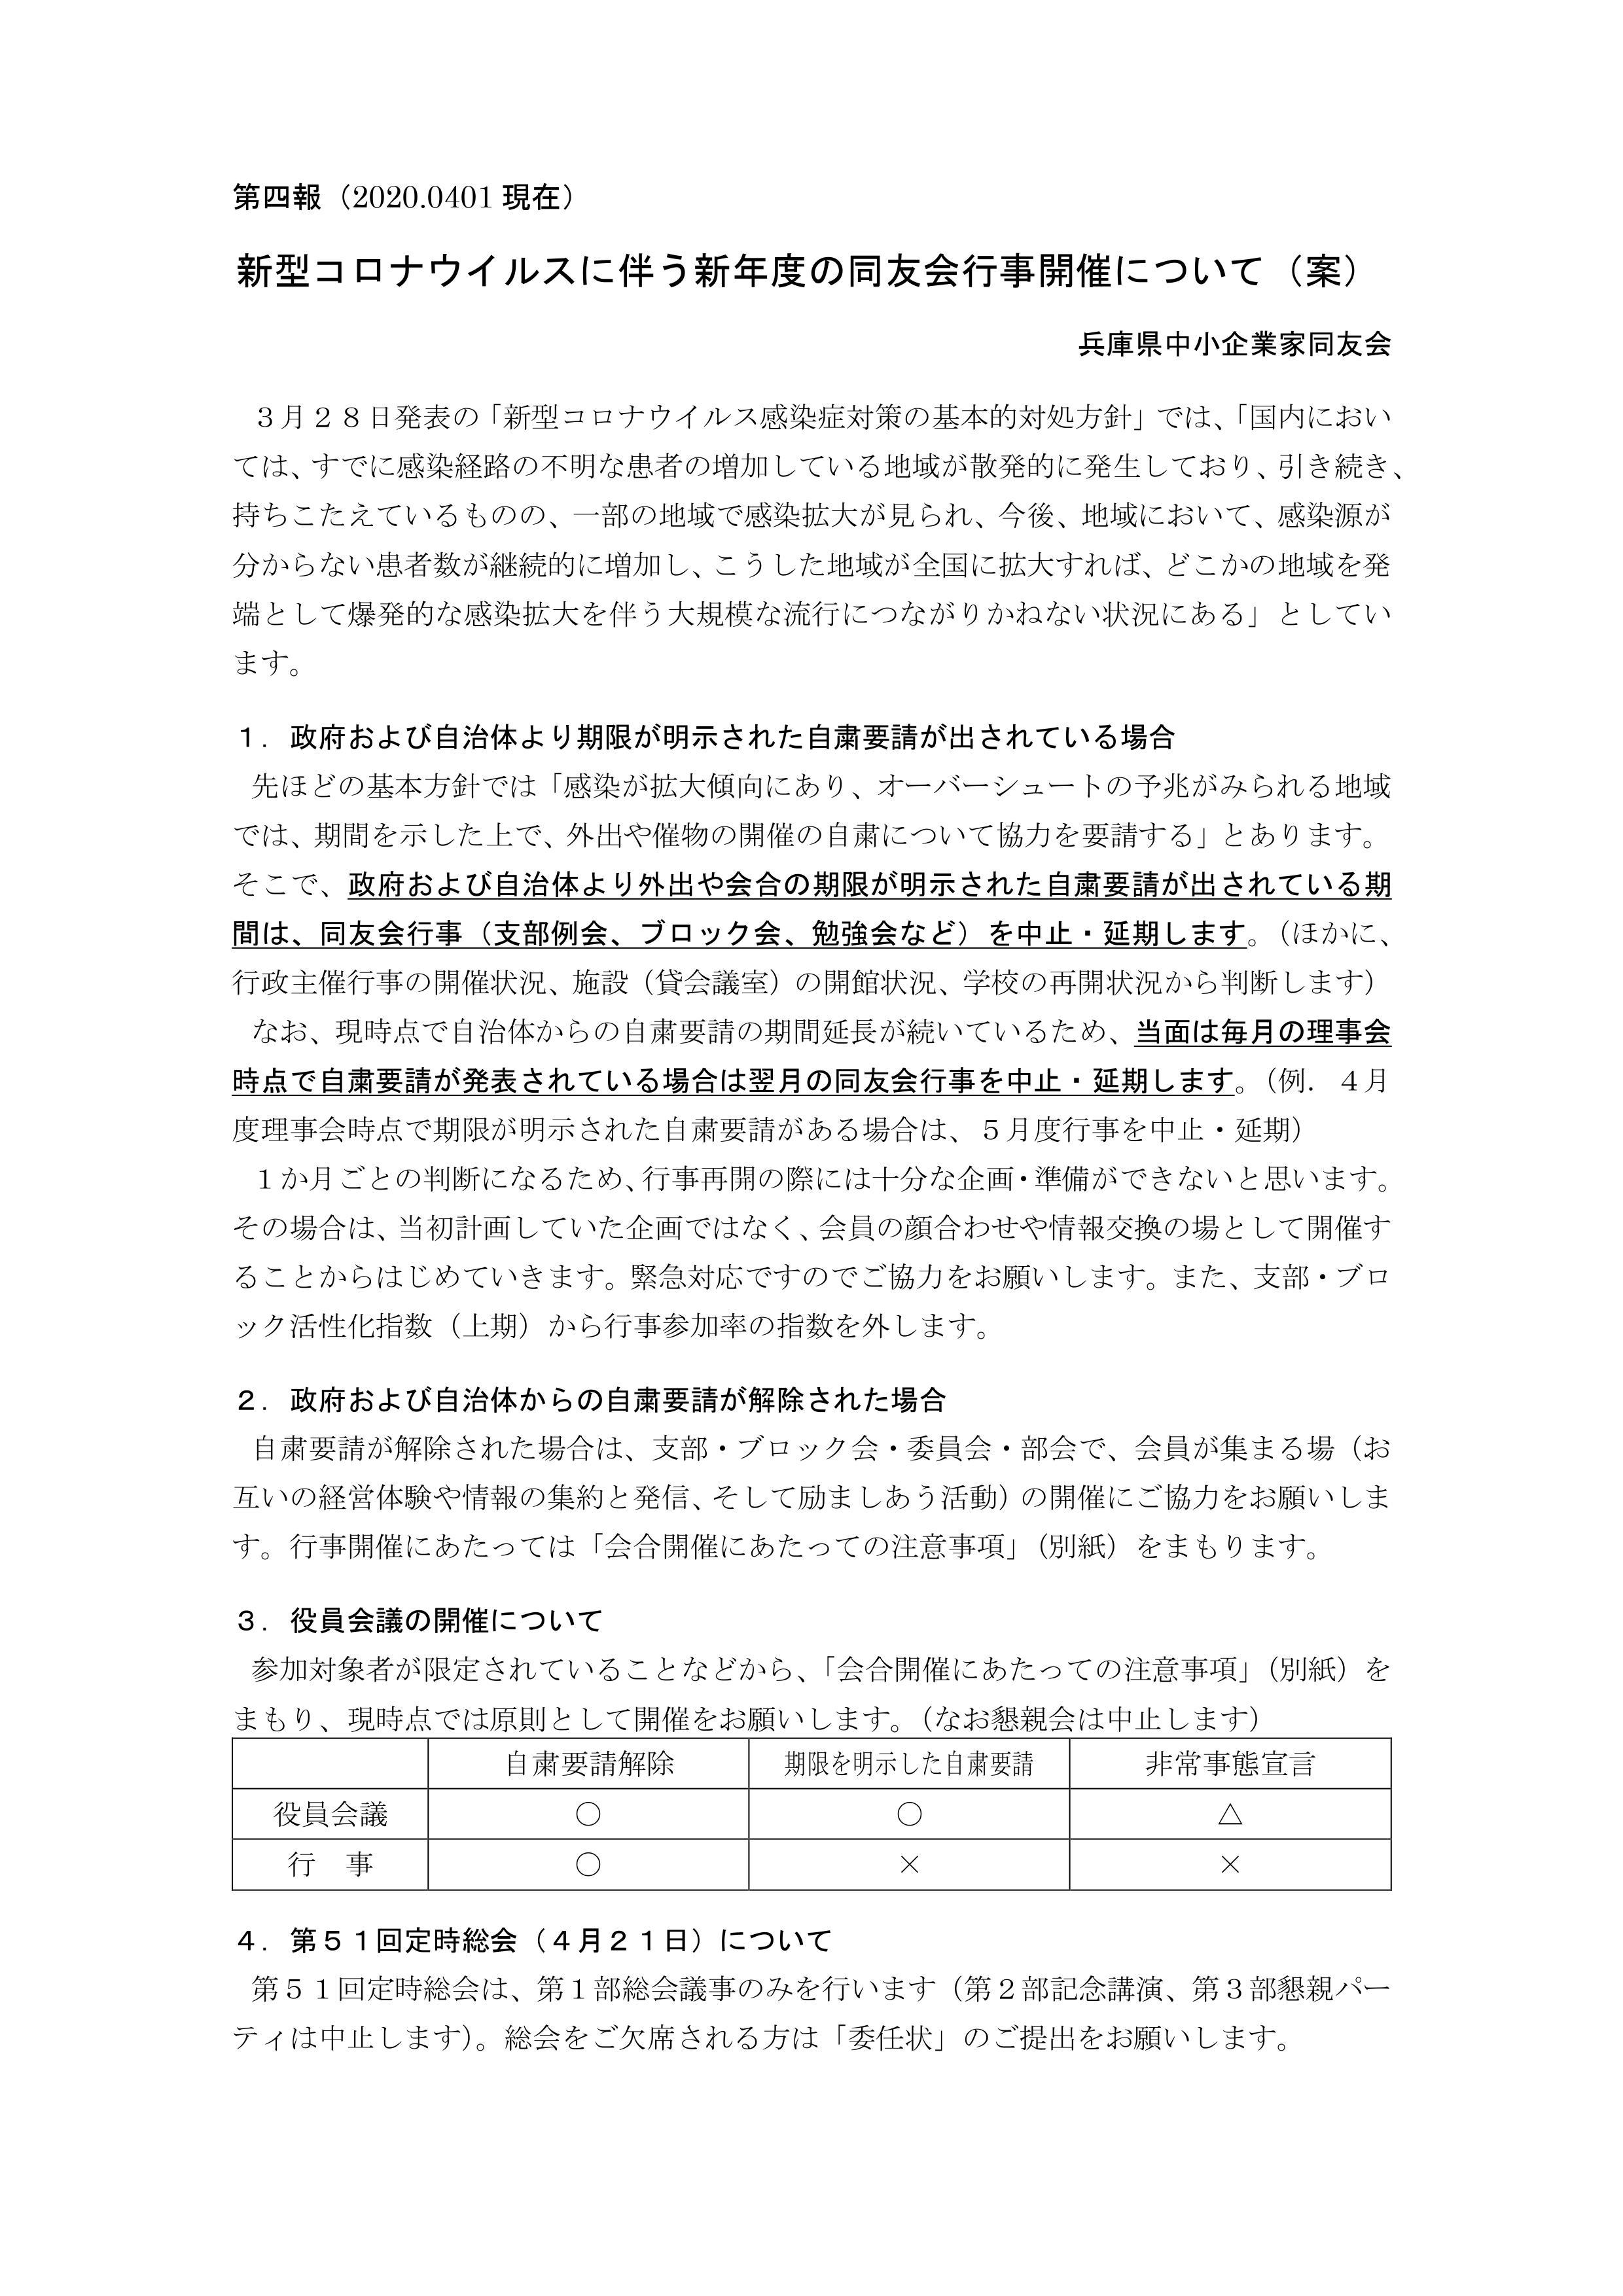 兵庫 県 新型 コロナ ウイルス